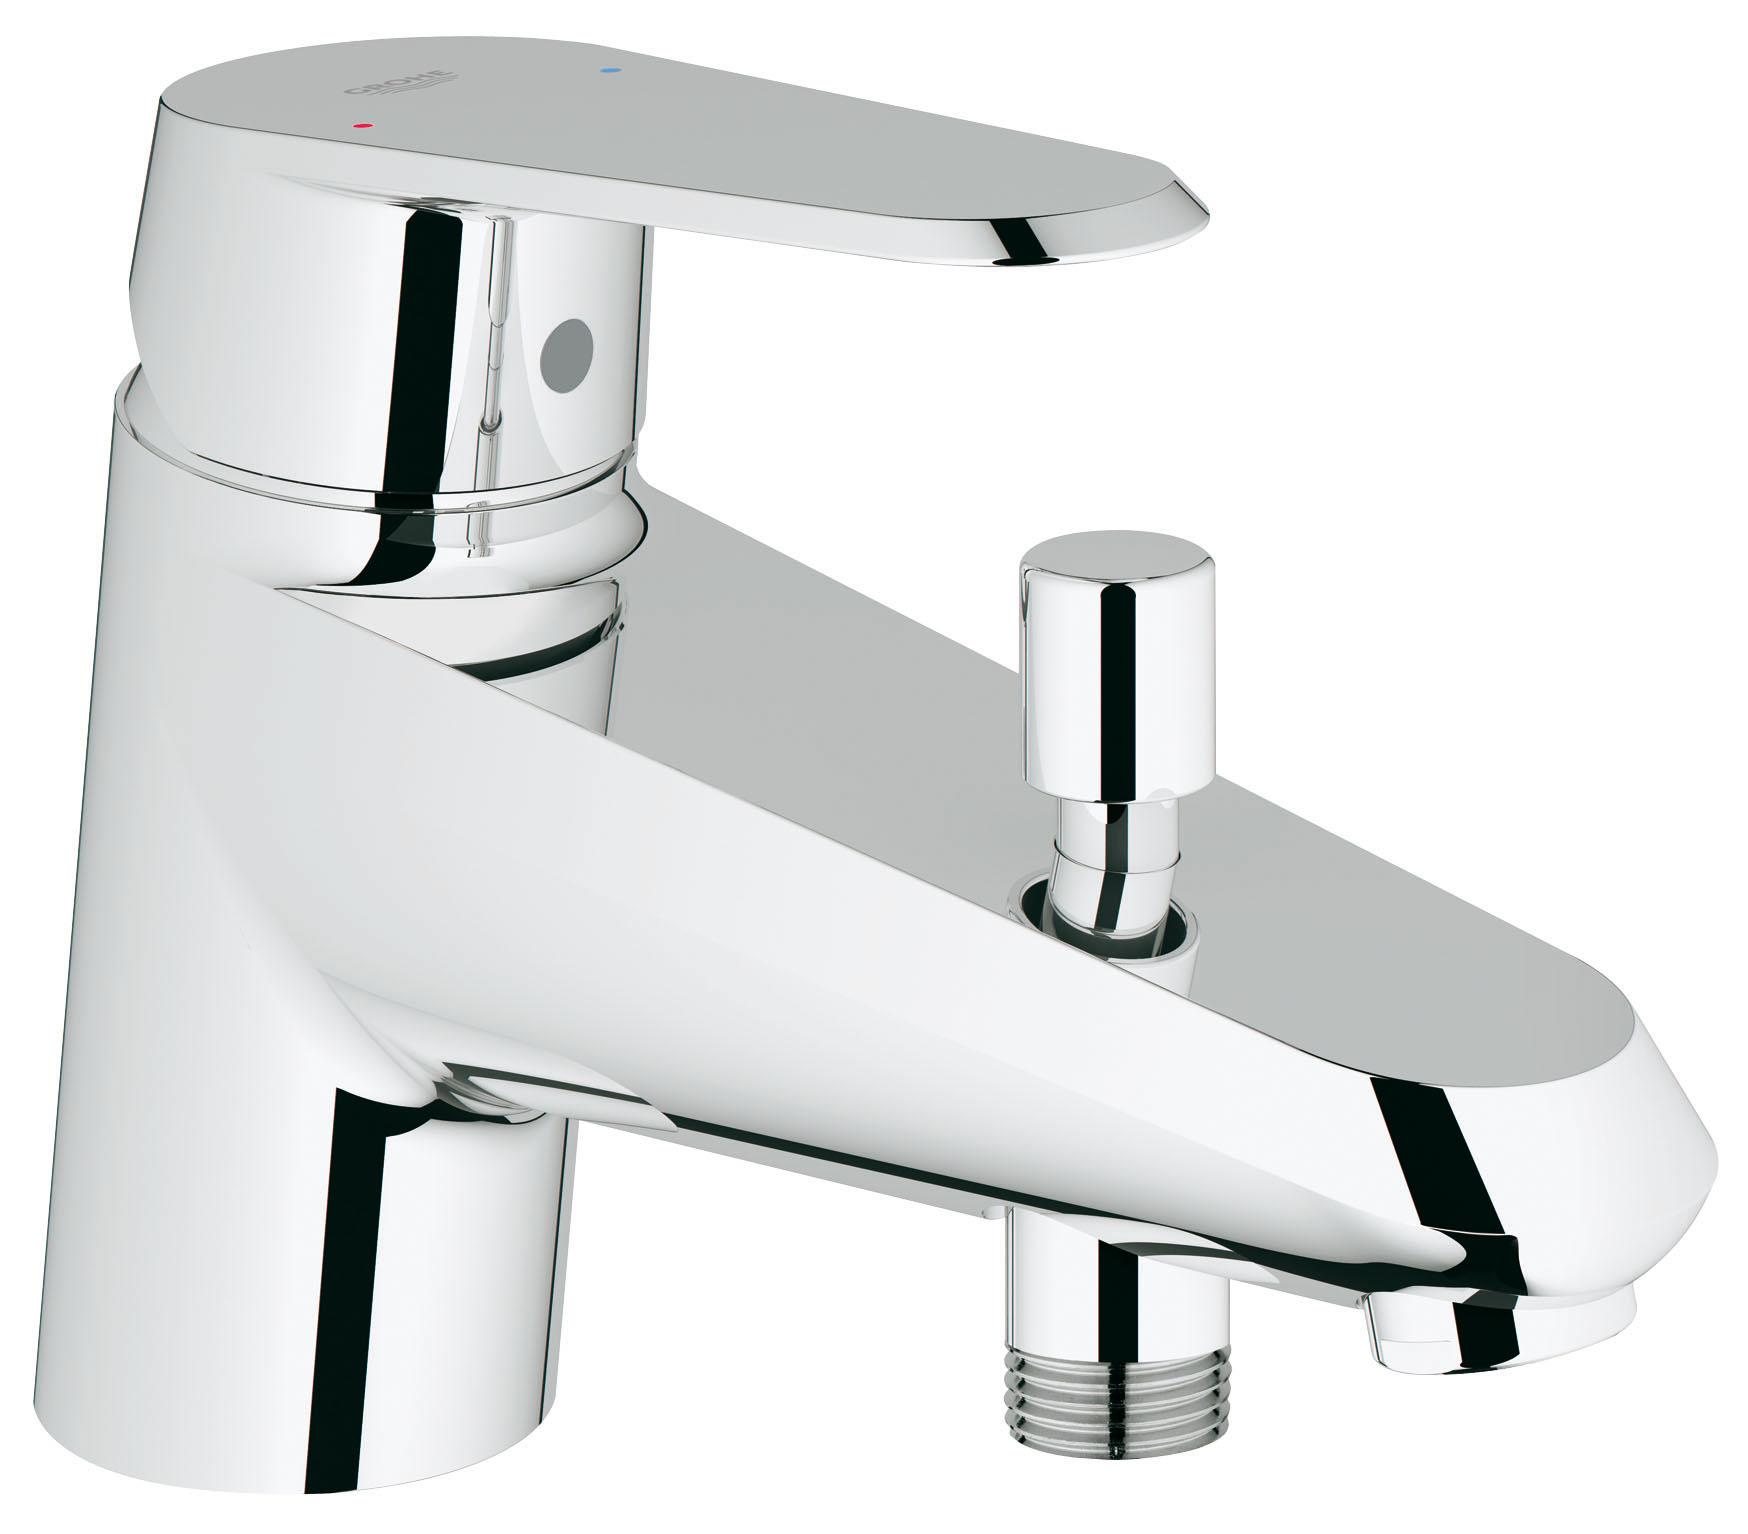 Смеситель для ванны Grohe Eurodisc cosmopolitan 33192002 grohe eurodisc cosmopolitan 19574002 на борт ванны